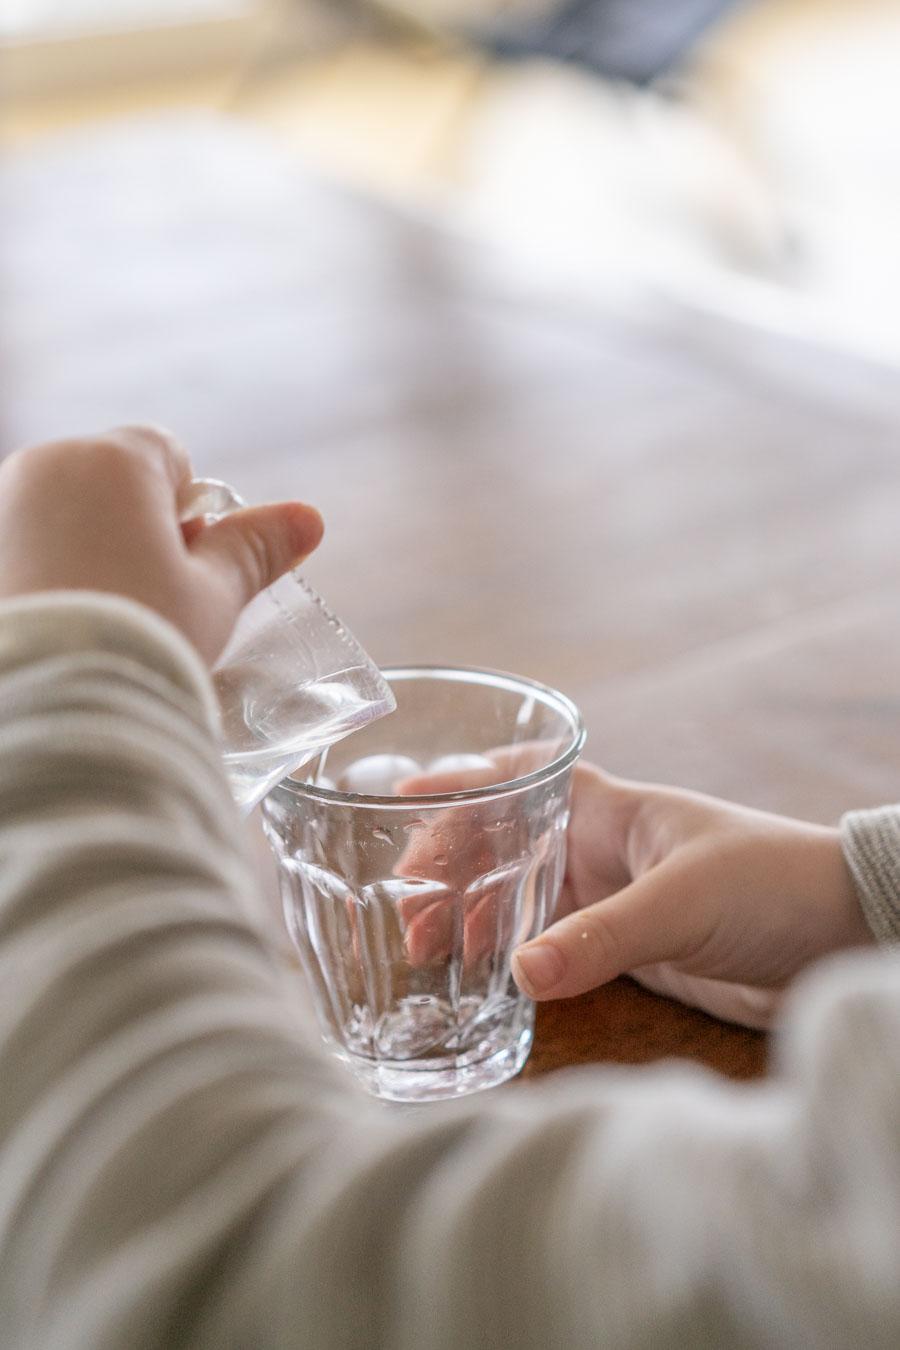 """Sich selber Wasser einschenken, ist ein tolles Gefühl und stärkt das Selbstvertrauen von Kindern. // Aus dem Artikel """"7 Tipps, wie man nach Montessori einrichten kann, auch mit einem knappen Budget"""" Alles Ideen, die ihr sofort umsetzen könnt: www.chezmamapoule.com #montessori #vorbereiteteumgebung #montessorizuhause"""